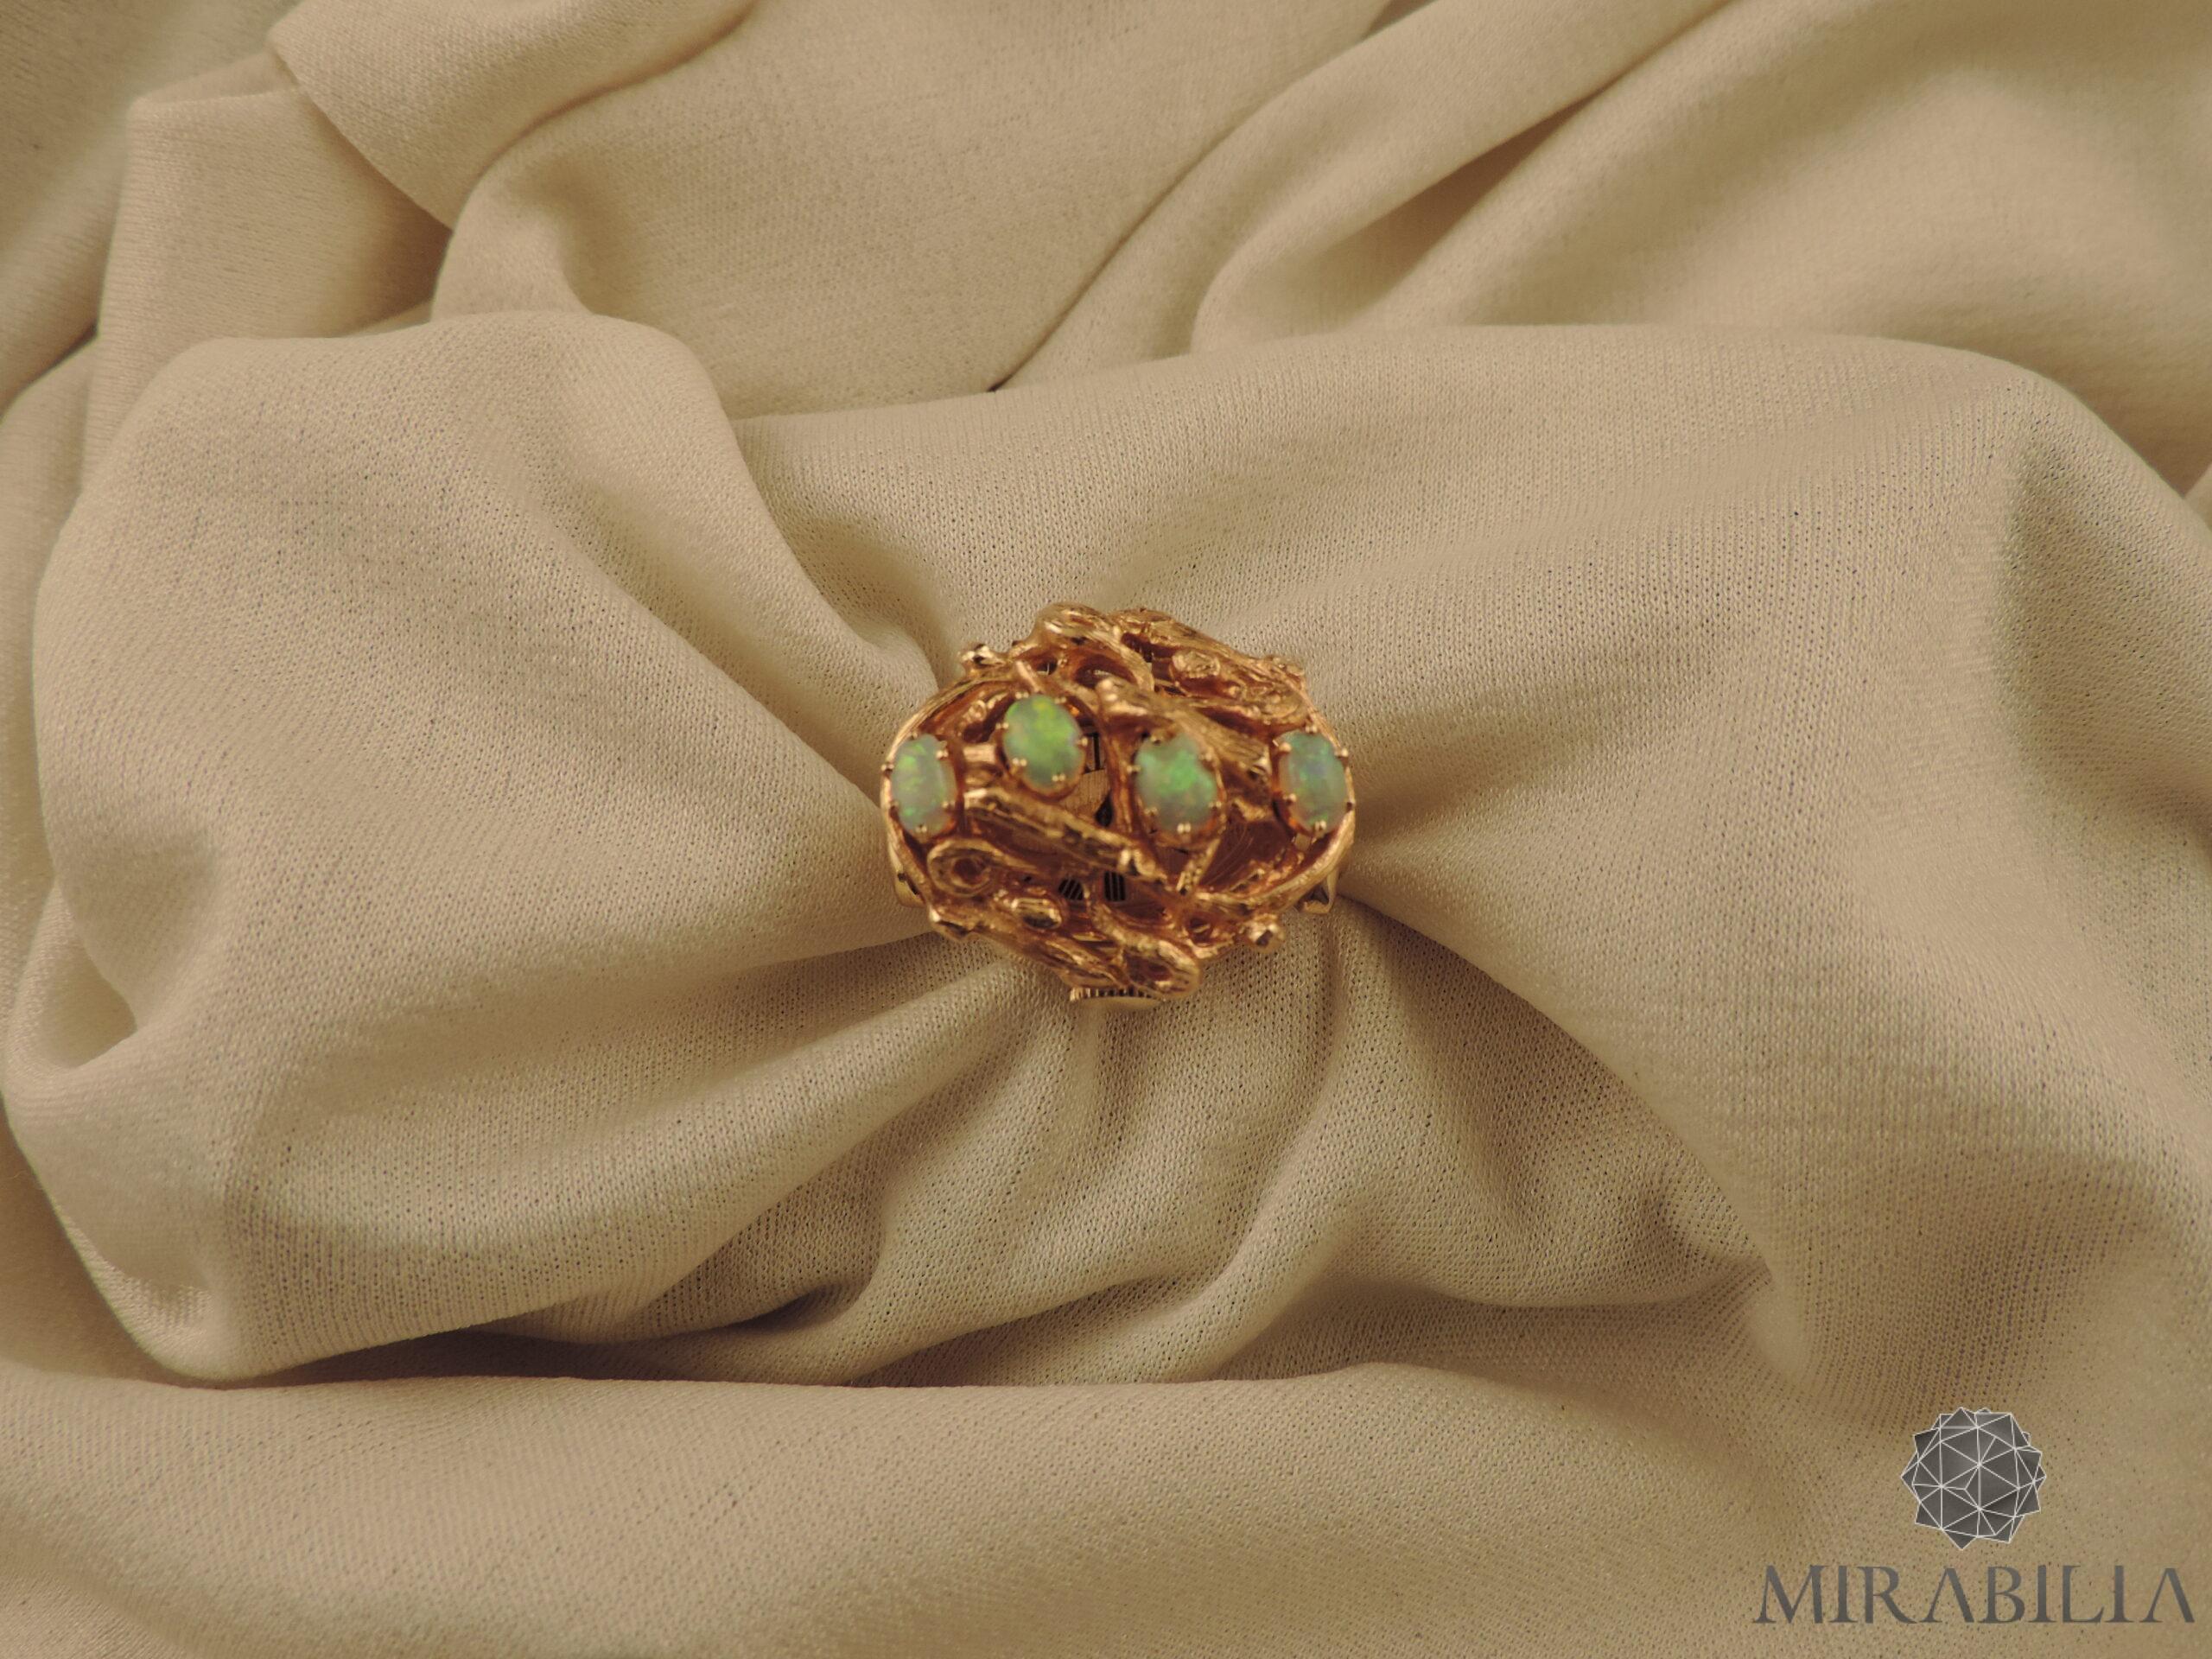 Anello con orologio Benat a scomparsa, in oro e opali, anni '50 (dettaglio frontale)